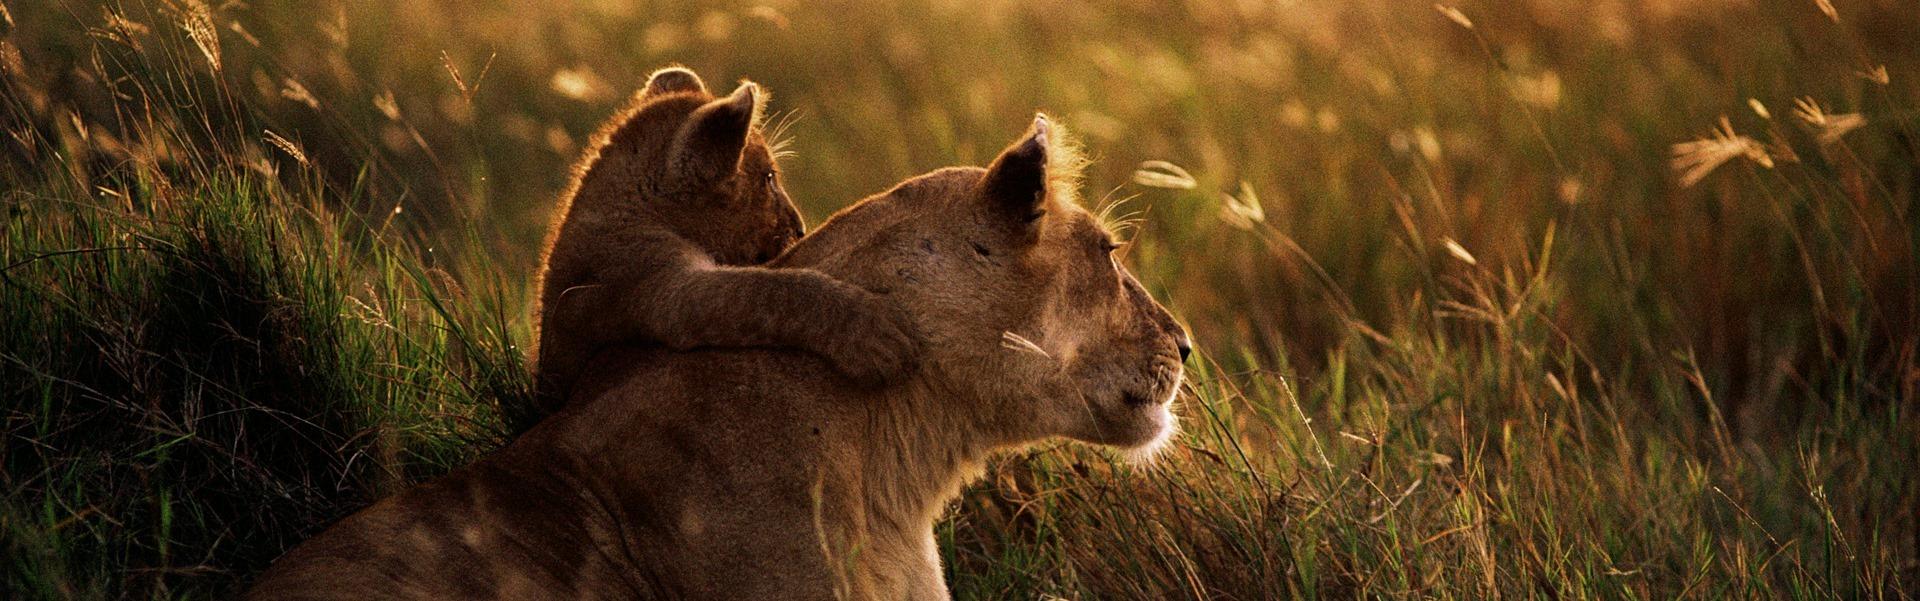 15 fotografii care dovedesc că nimic nu este mai puternic decât dragostea părinţilor pentru puii lor